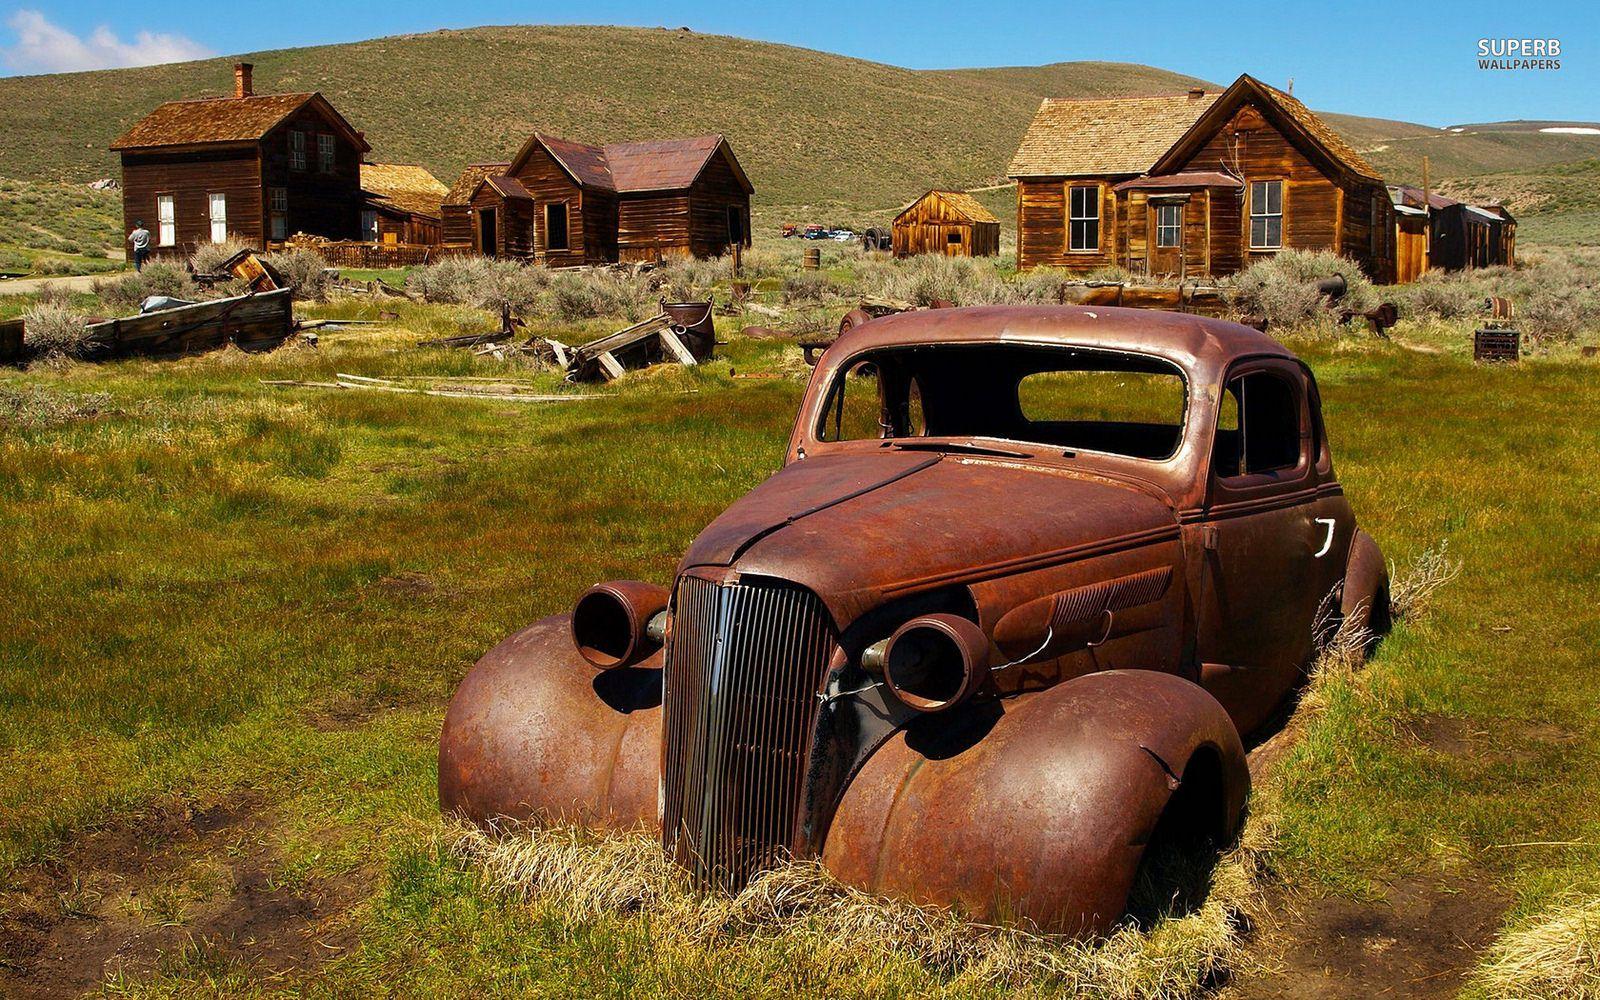 Rusty Old Car Wallpaper Pics